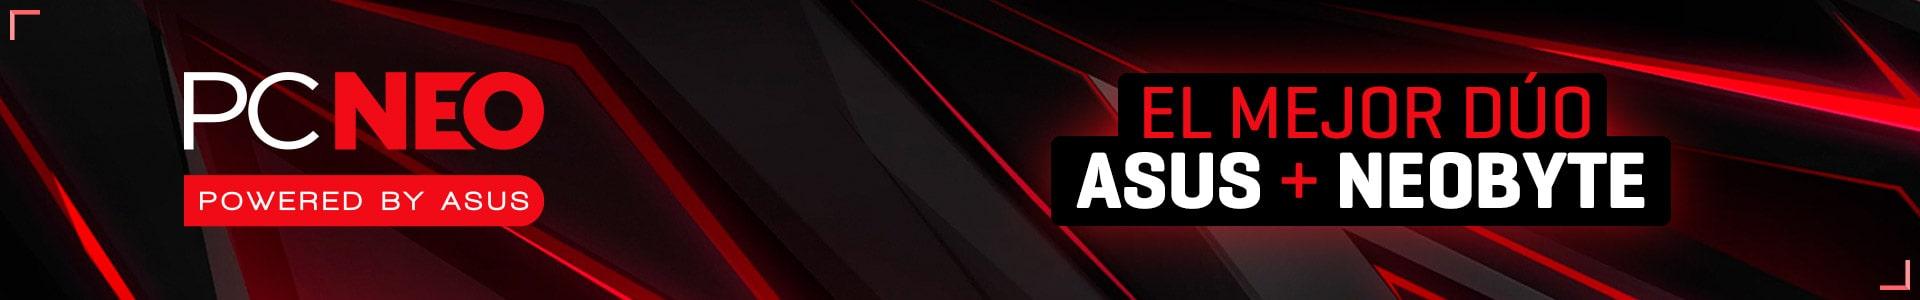 PC NEO Powered by Asus : El mejor dúo